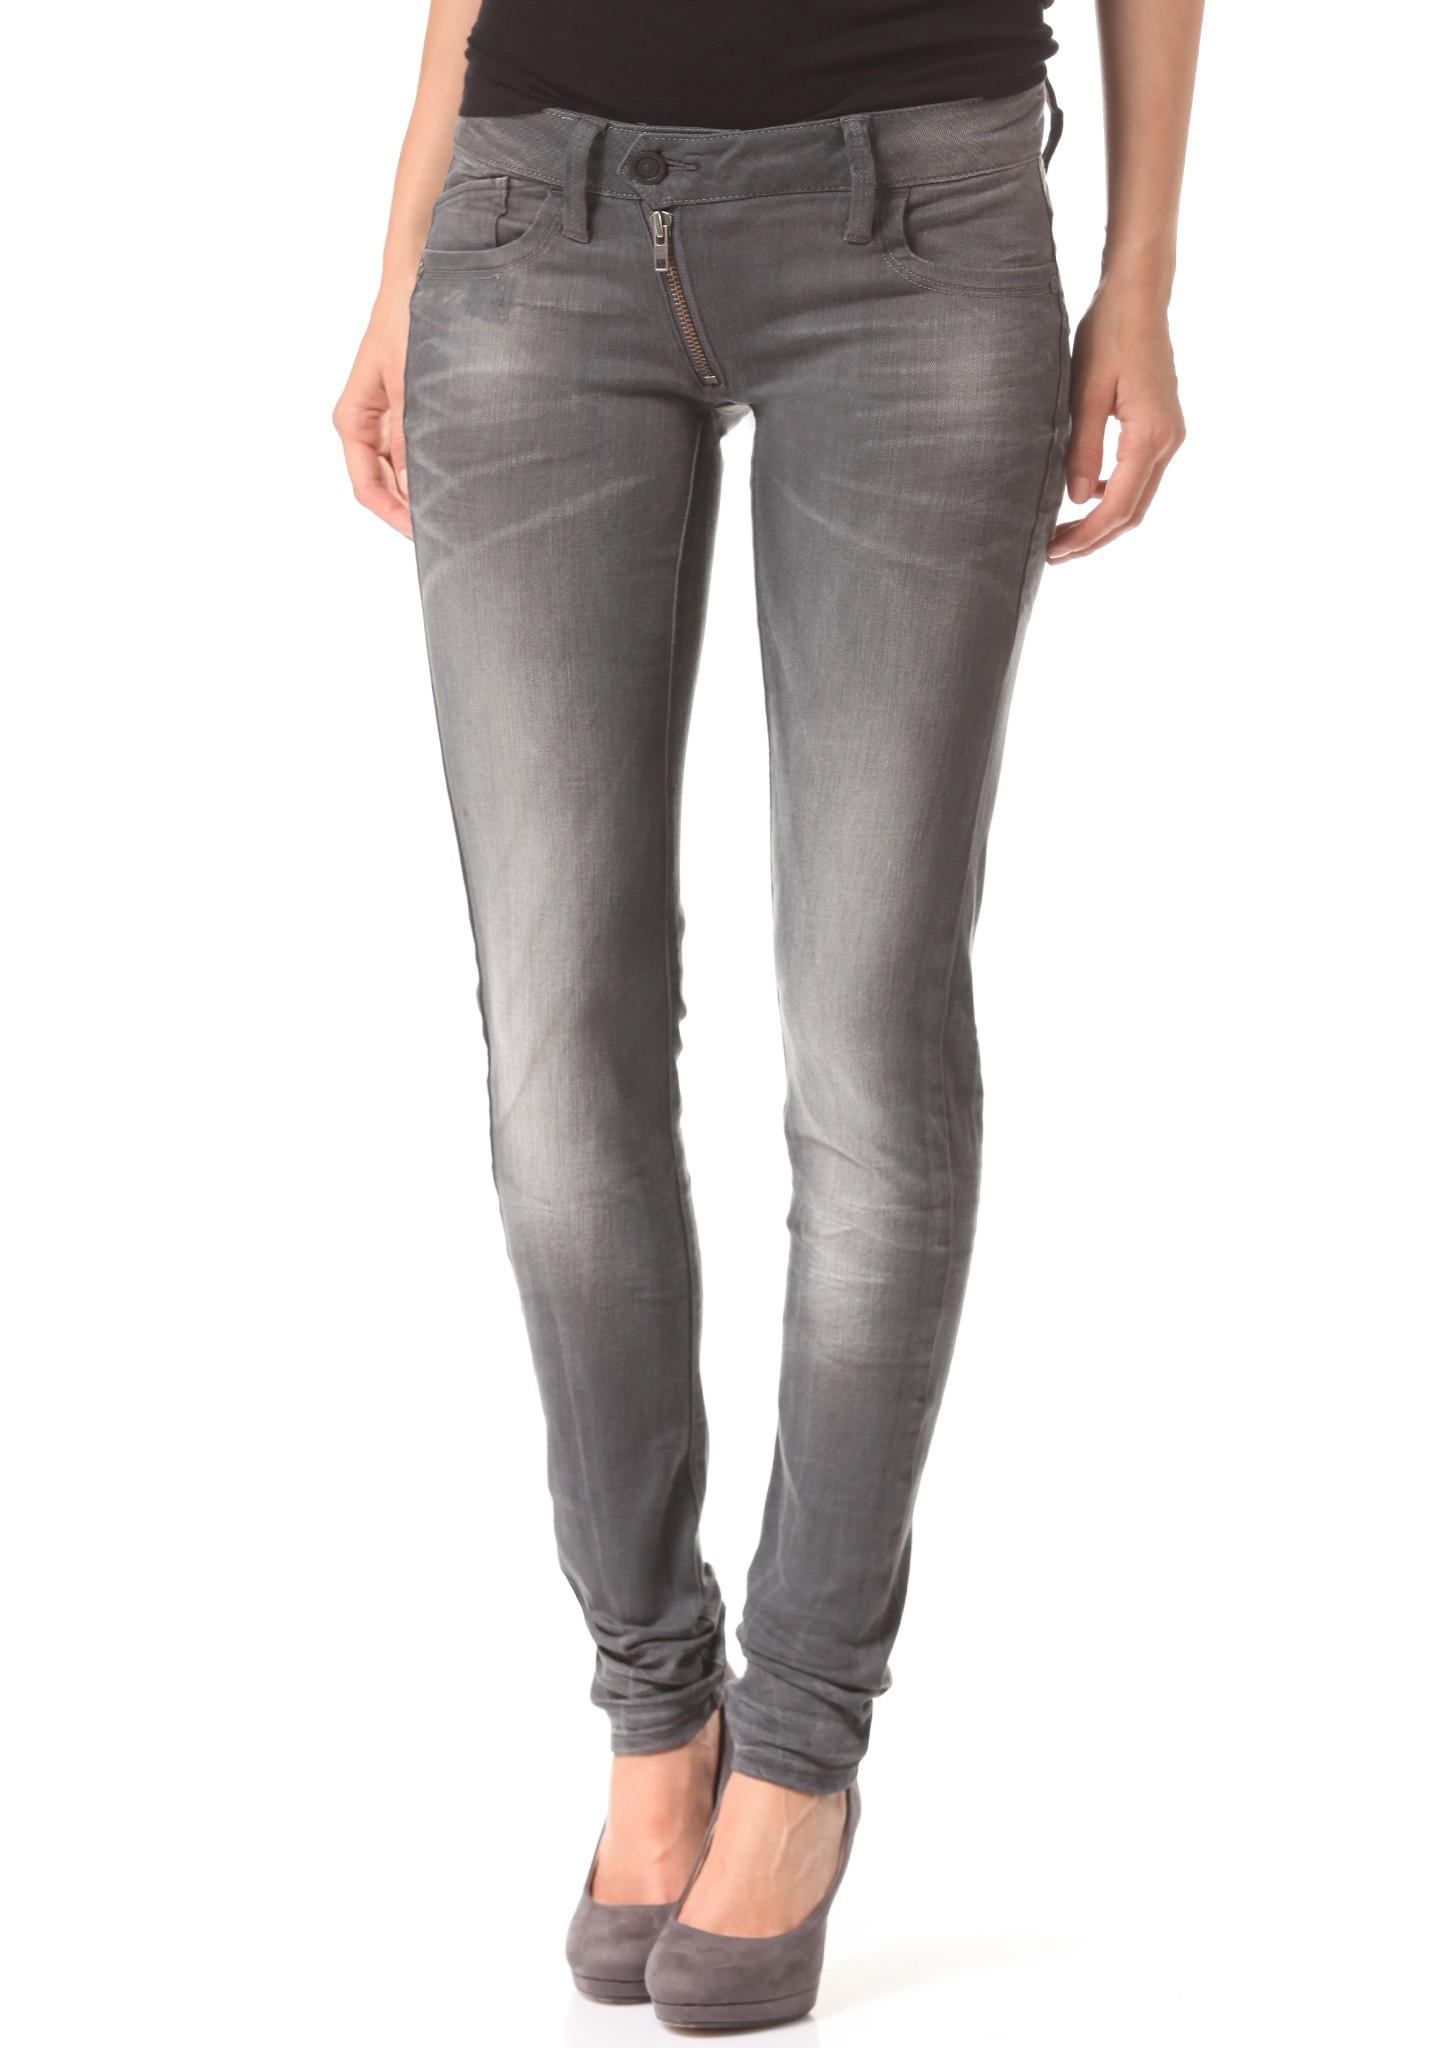 neu g star lynn zip mid skinny slander grey superstretch damen jeans hose. Black Bedroom Furniture Sets. Home Design Ideas